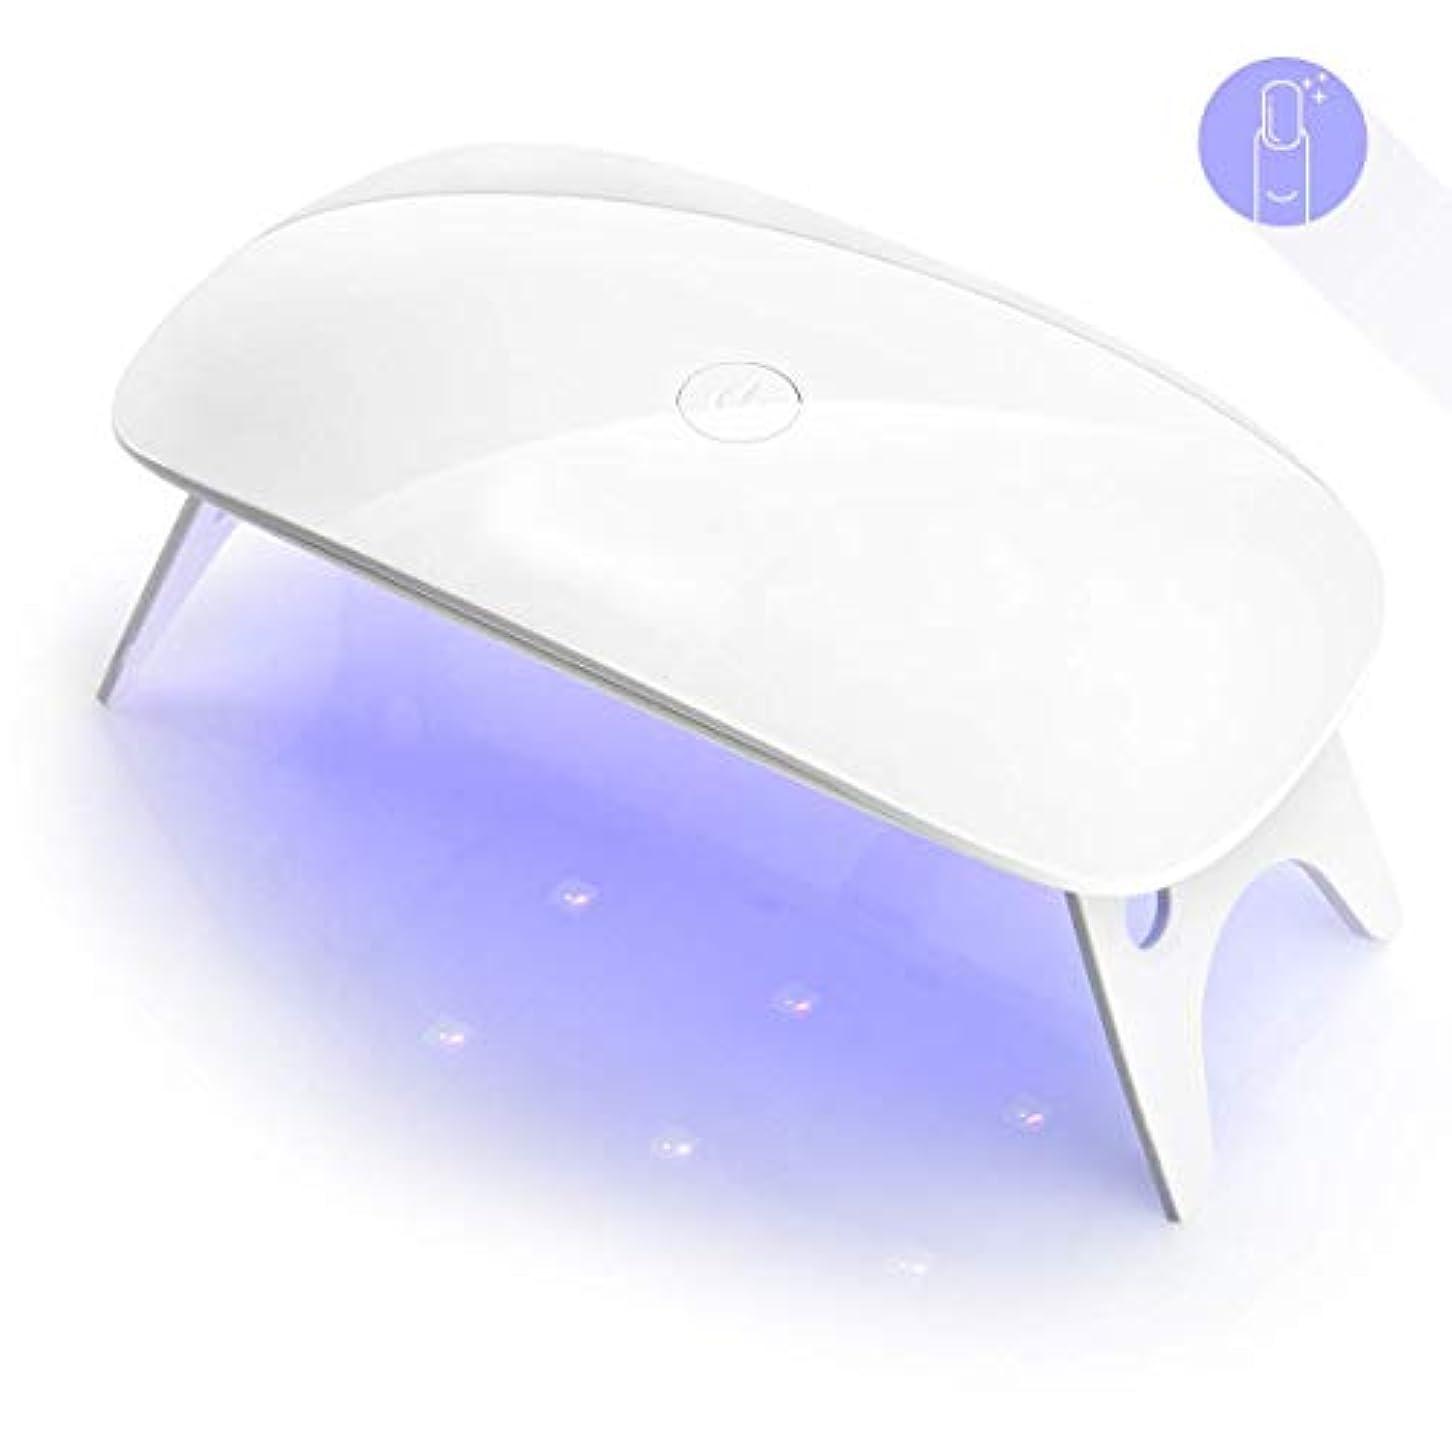 使い込む初心者突撃ZMiw LEDネイルドライヤー UVライト タイマー設定可能 折りたたみ式手足とも使える 人感センサー式 LED 硬化ライト UV と LEDダブルライト ジェルネイル用 ホワイト (white)